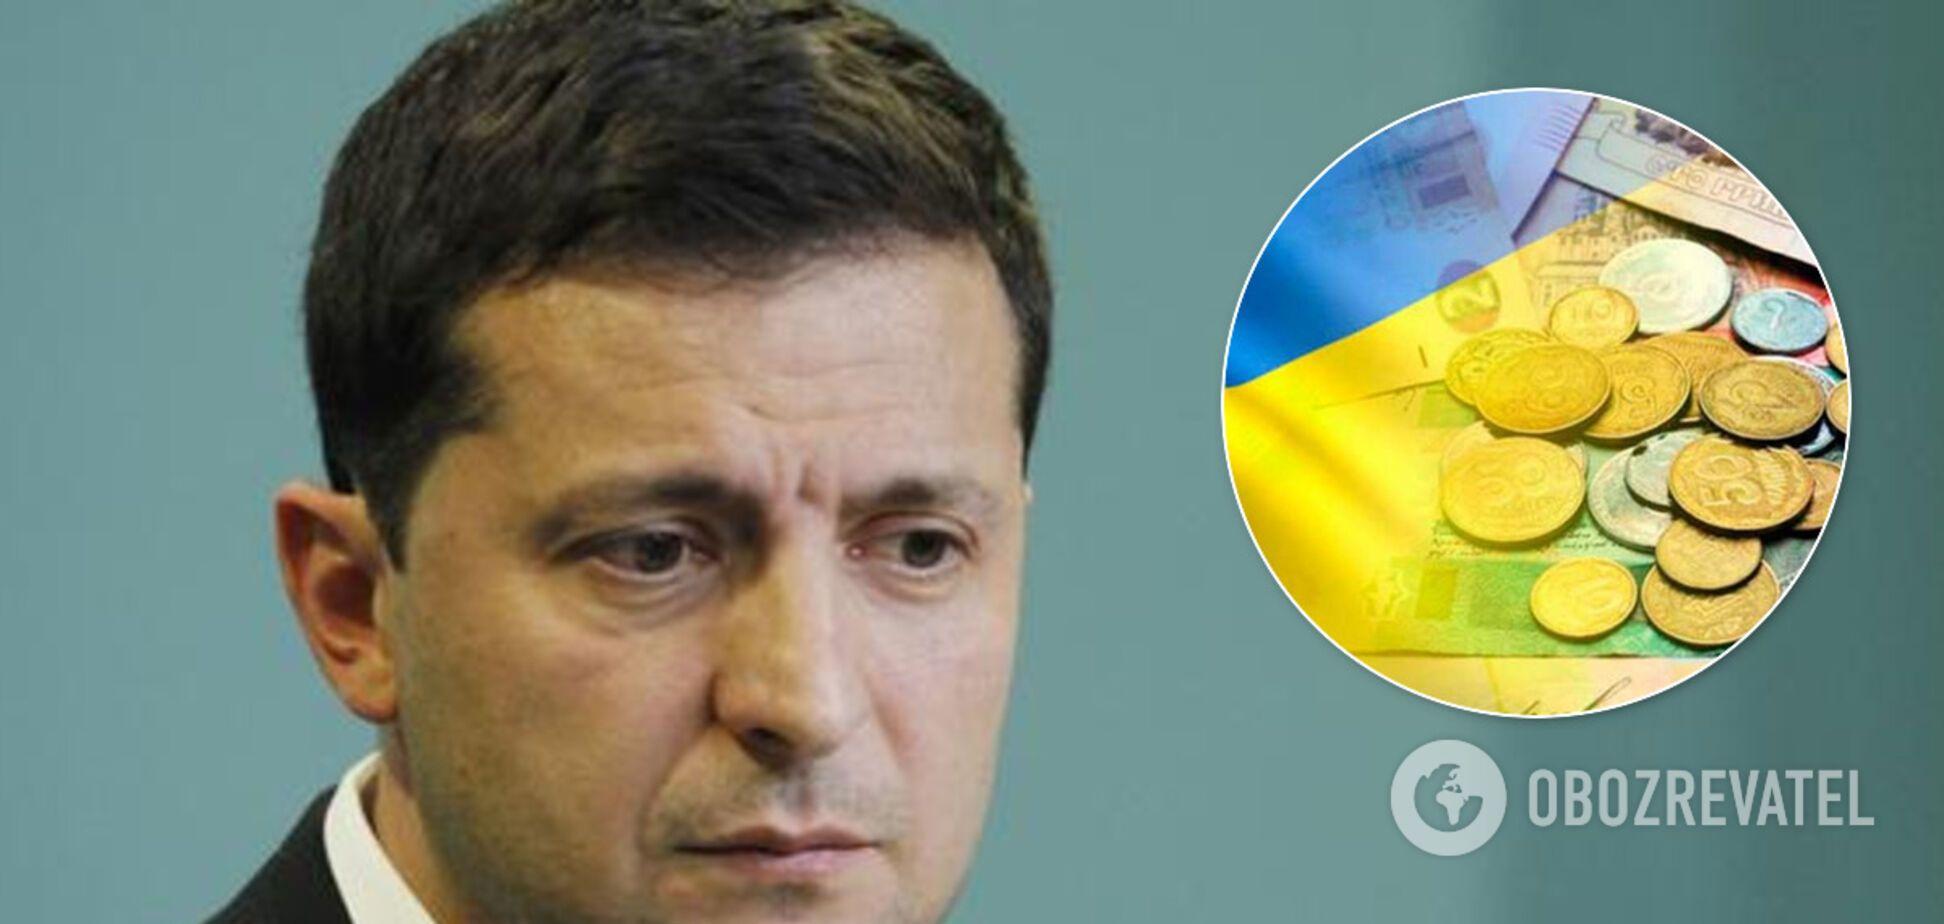 Влада Зеленського не має стратегії та веде Україну до глибокої багаторічної кризи — Білецький